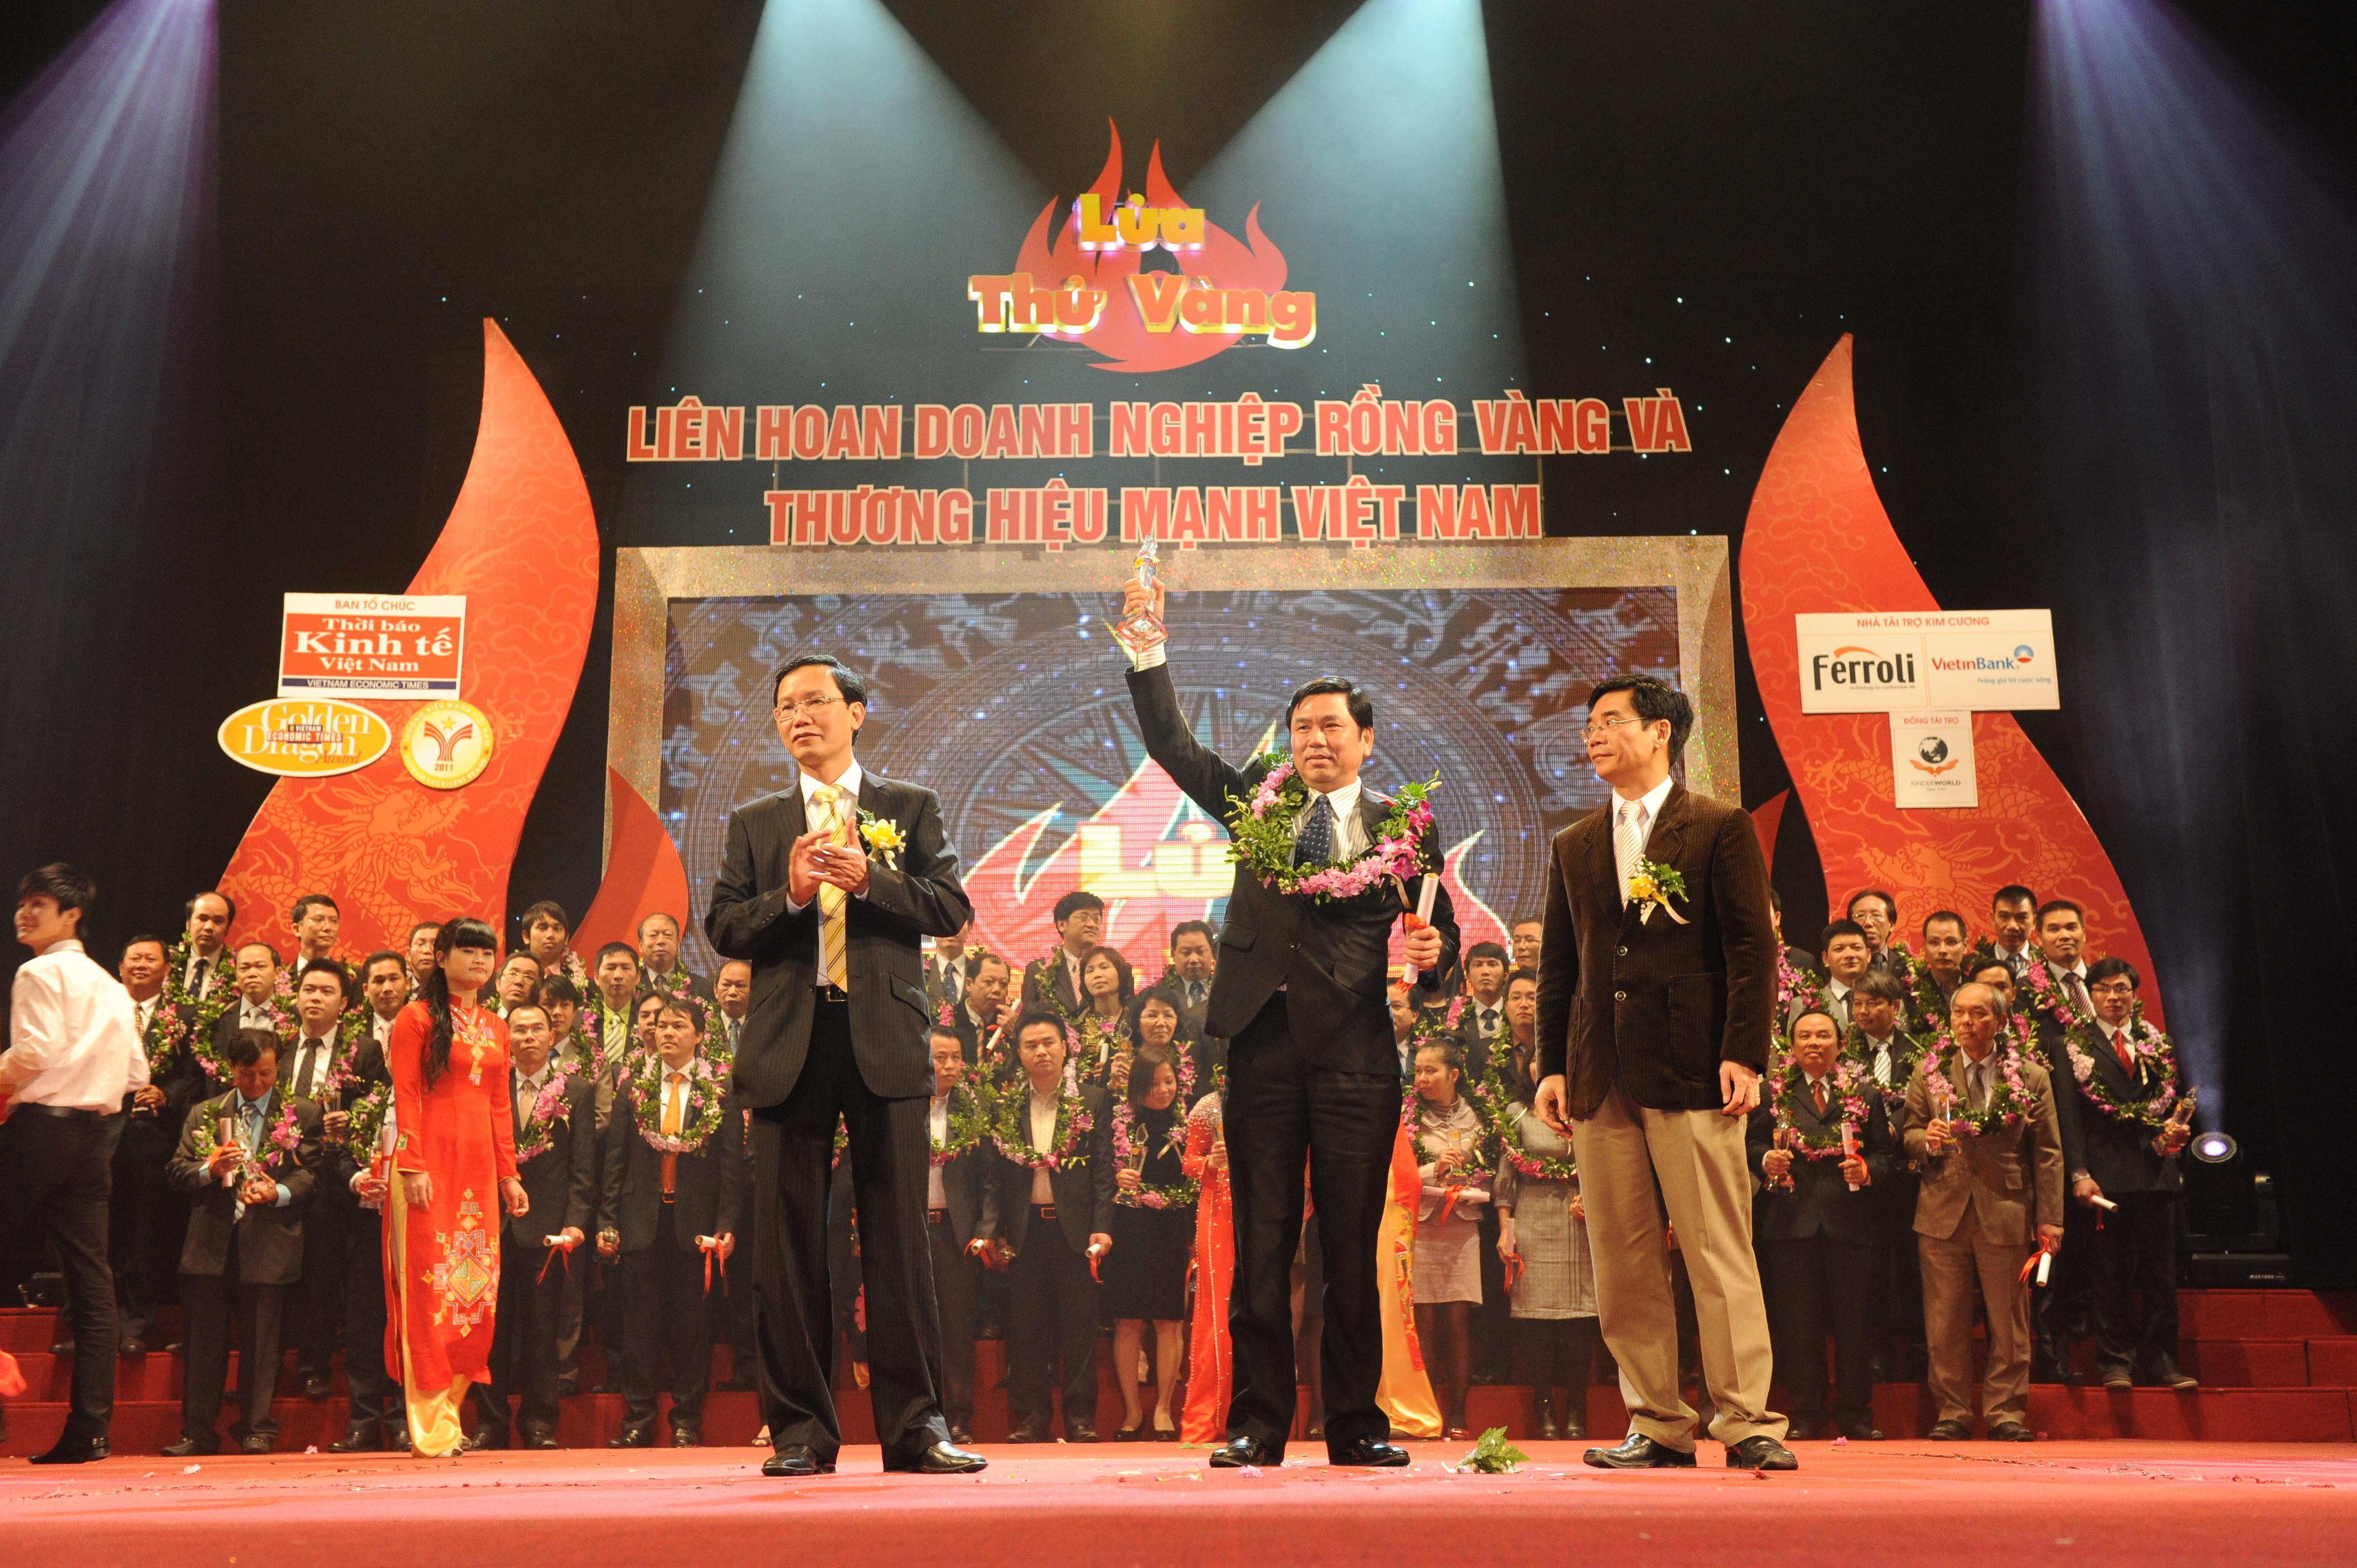 Taxi Group nhận giải thưởng Thương hiệu mạnh Việt Nam 2011